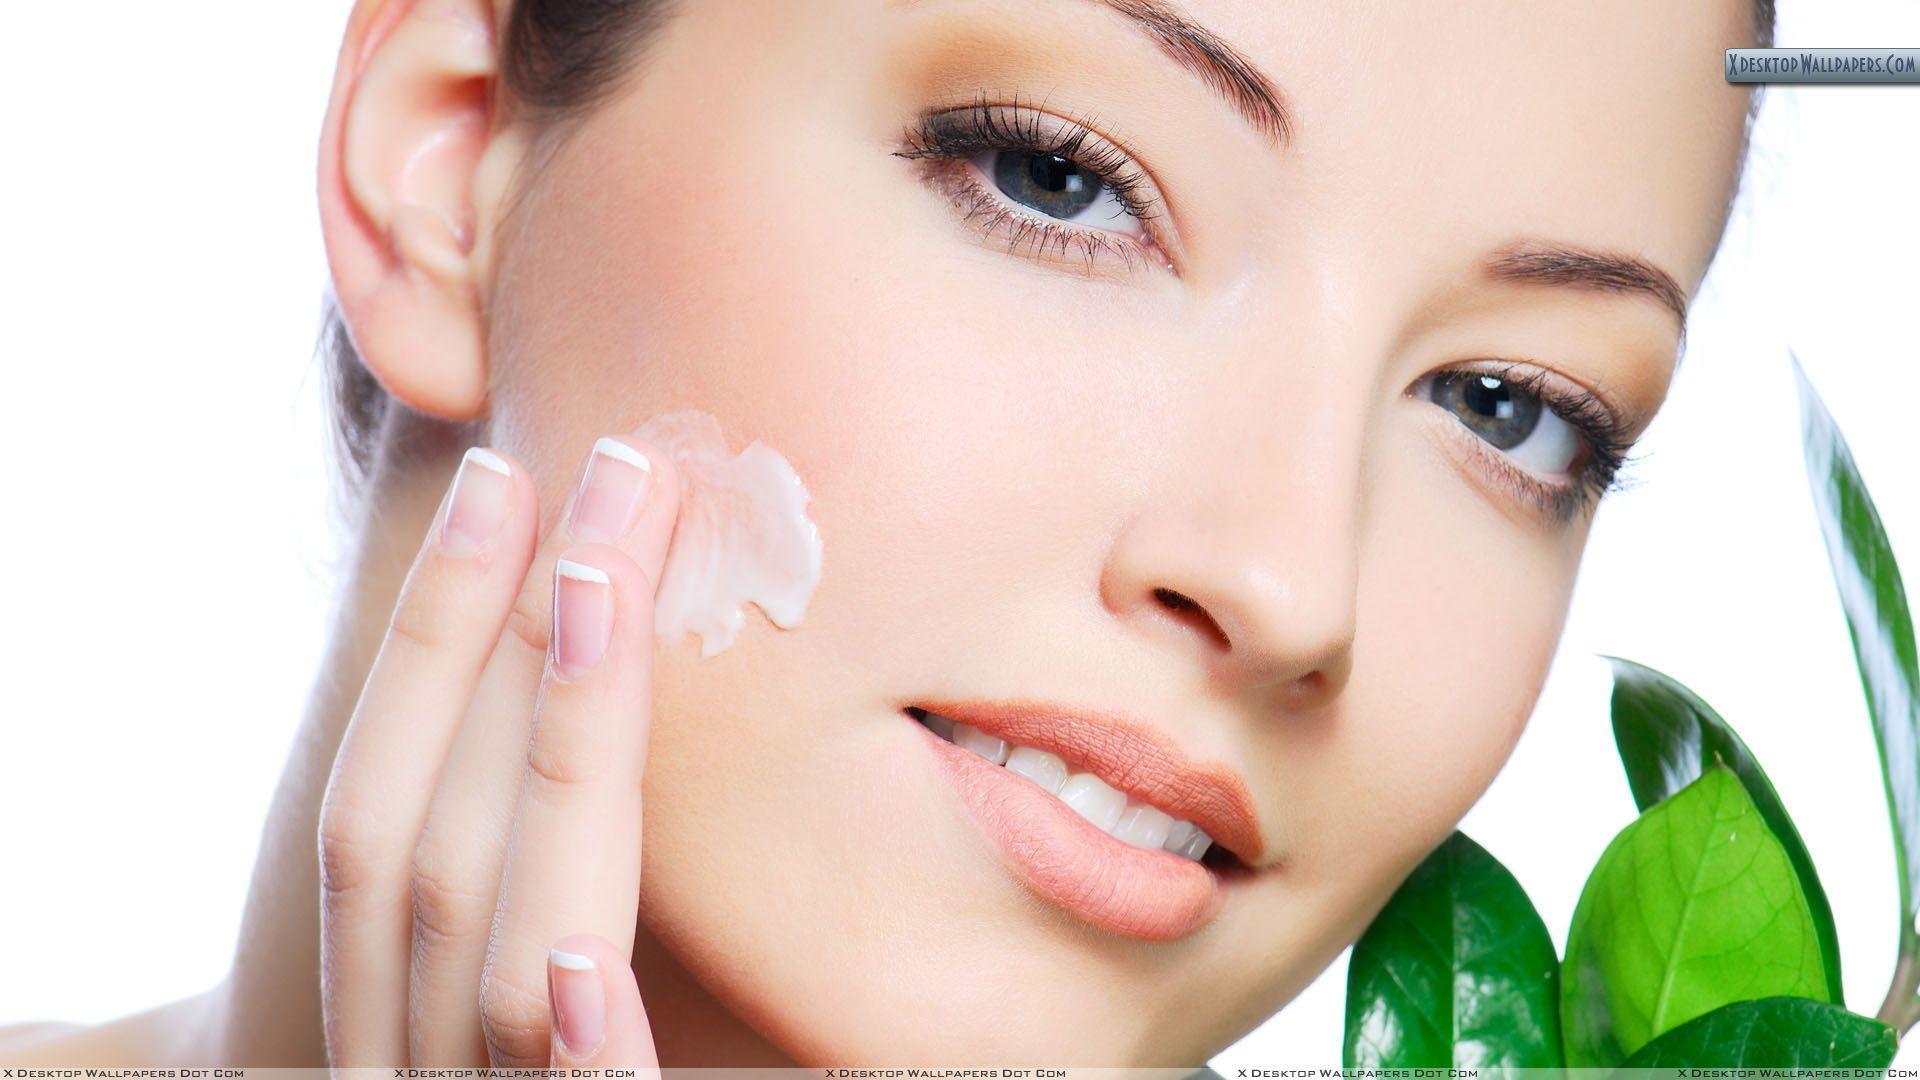 female-model-applying-cream-on-her-face-218930